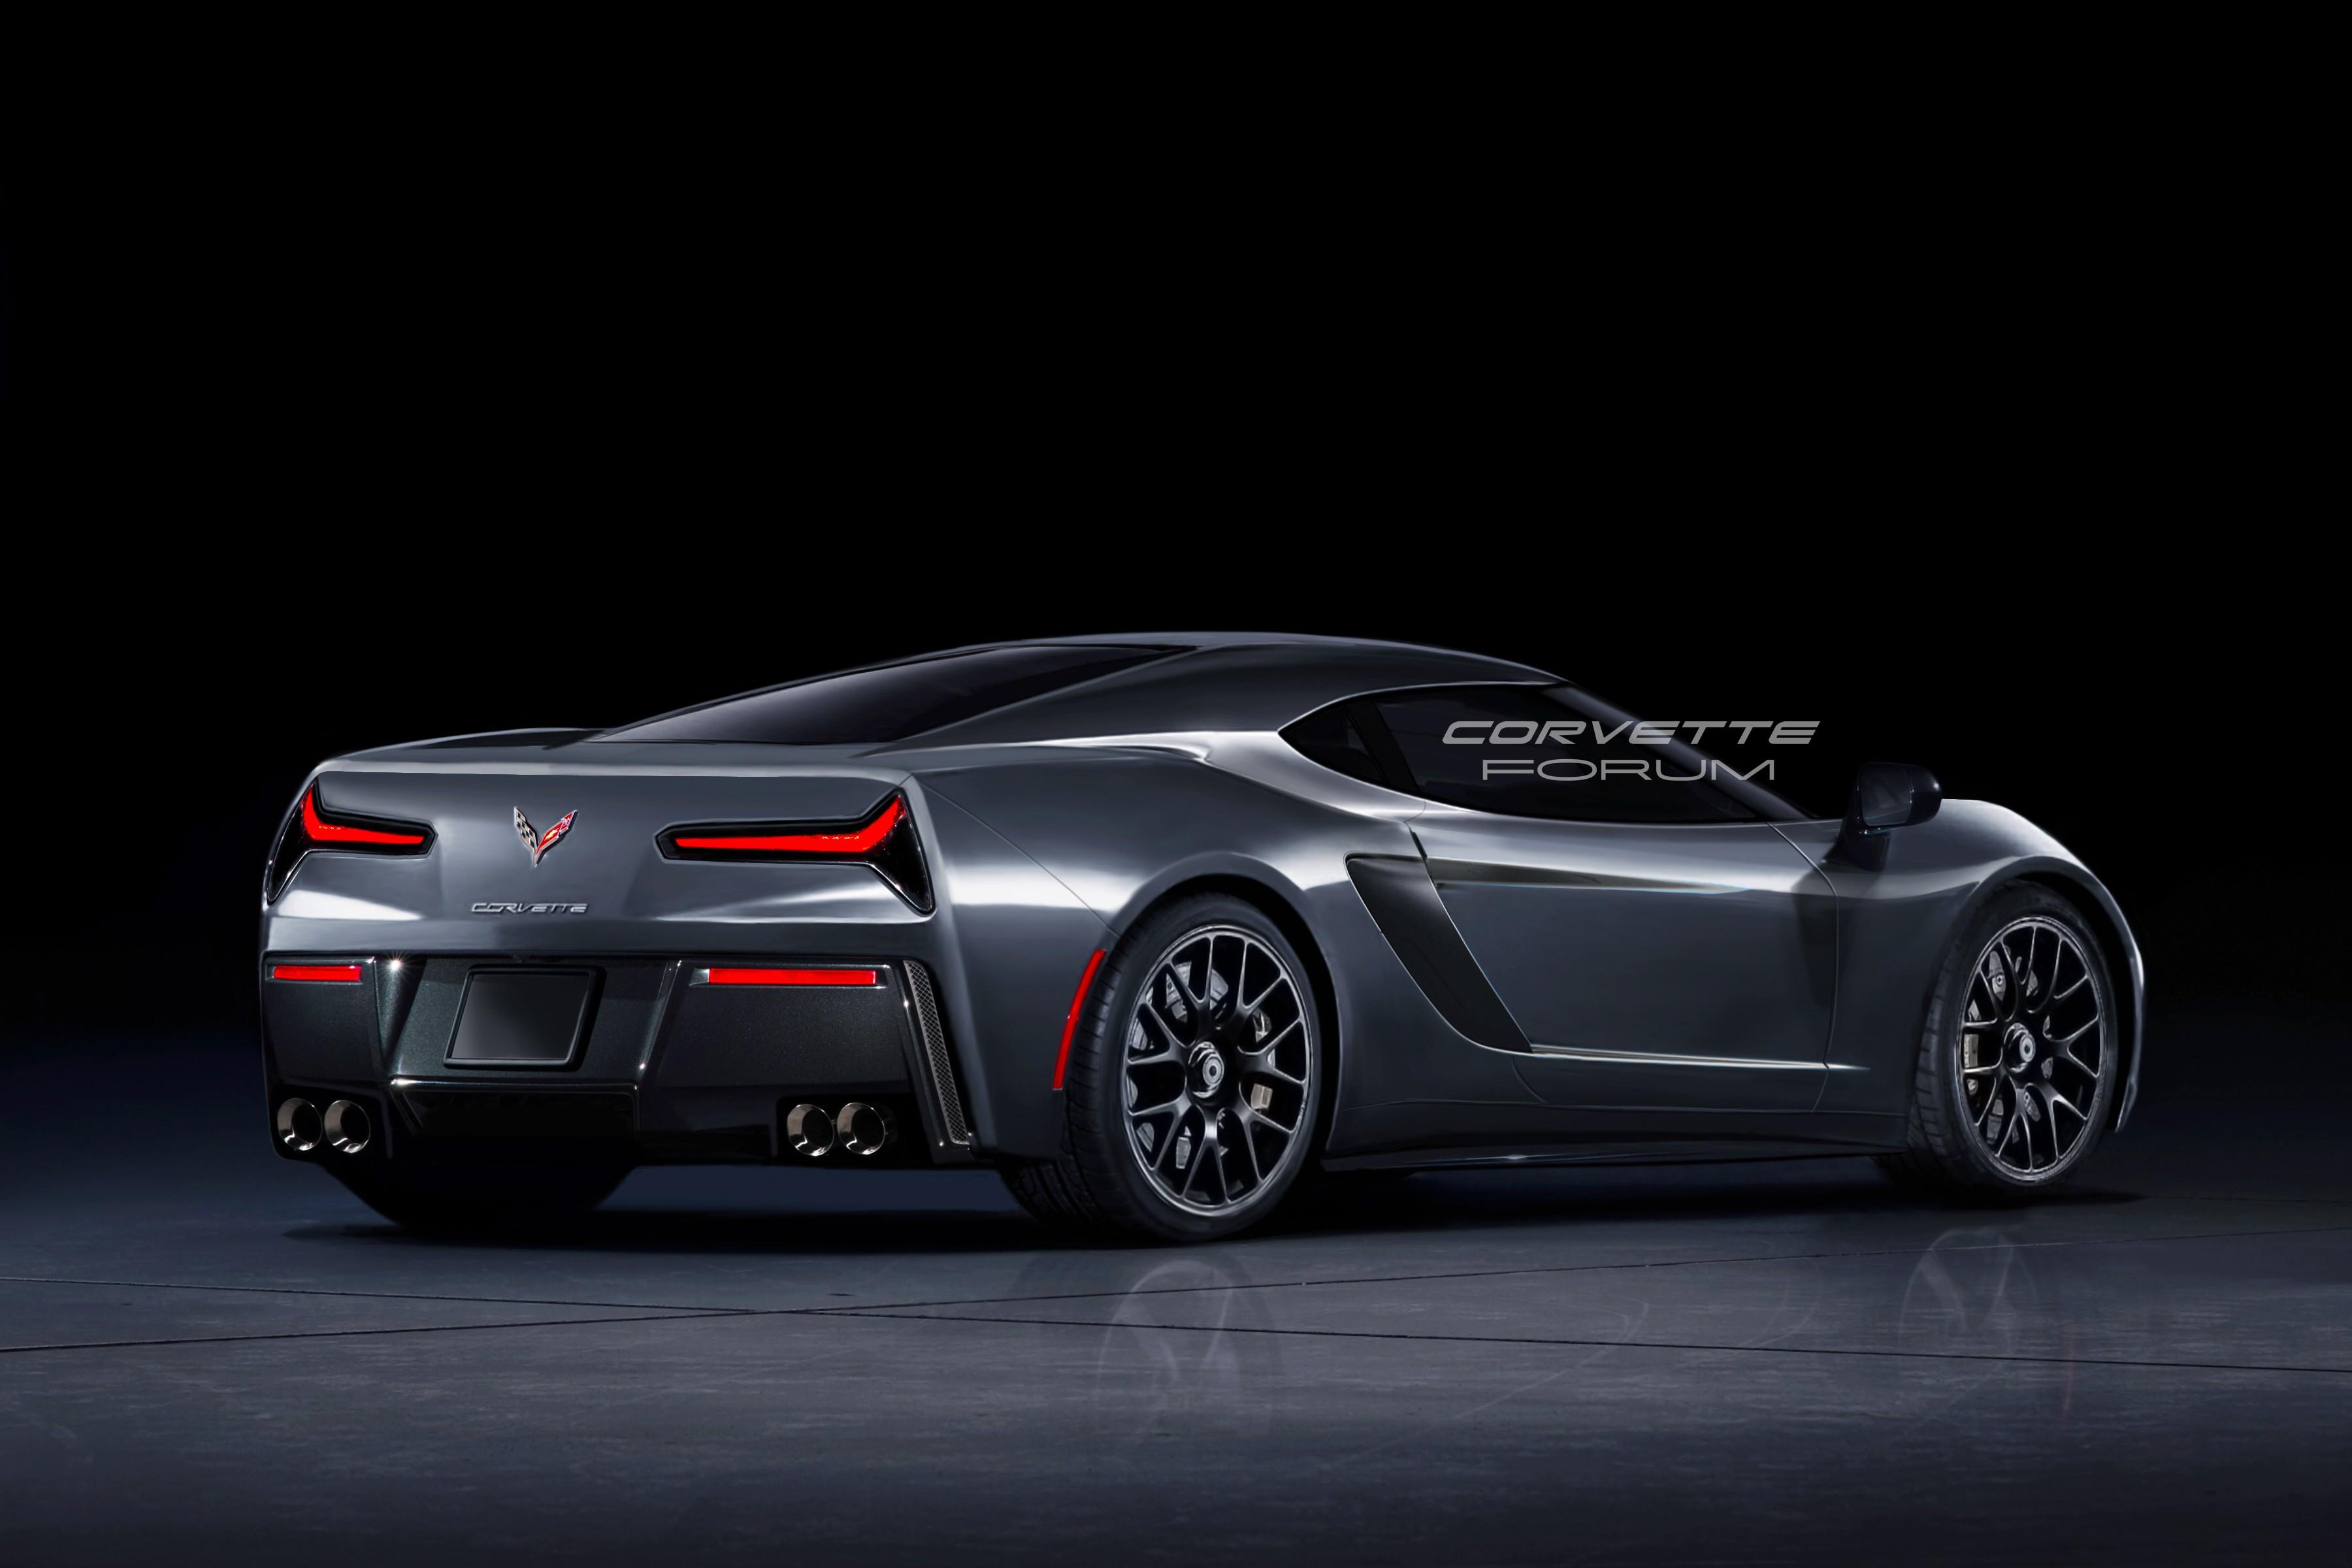 2019 C8 Corvette Rendered Based on Spyshots Looks Like a